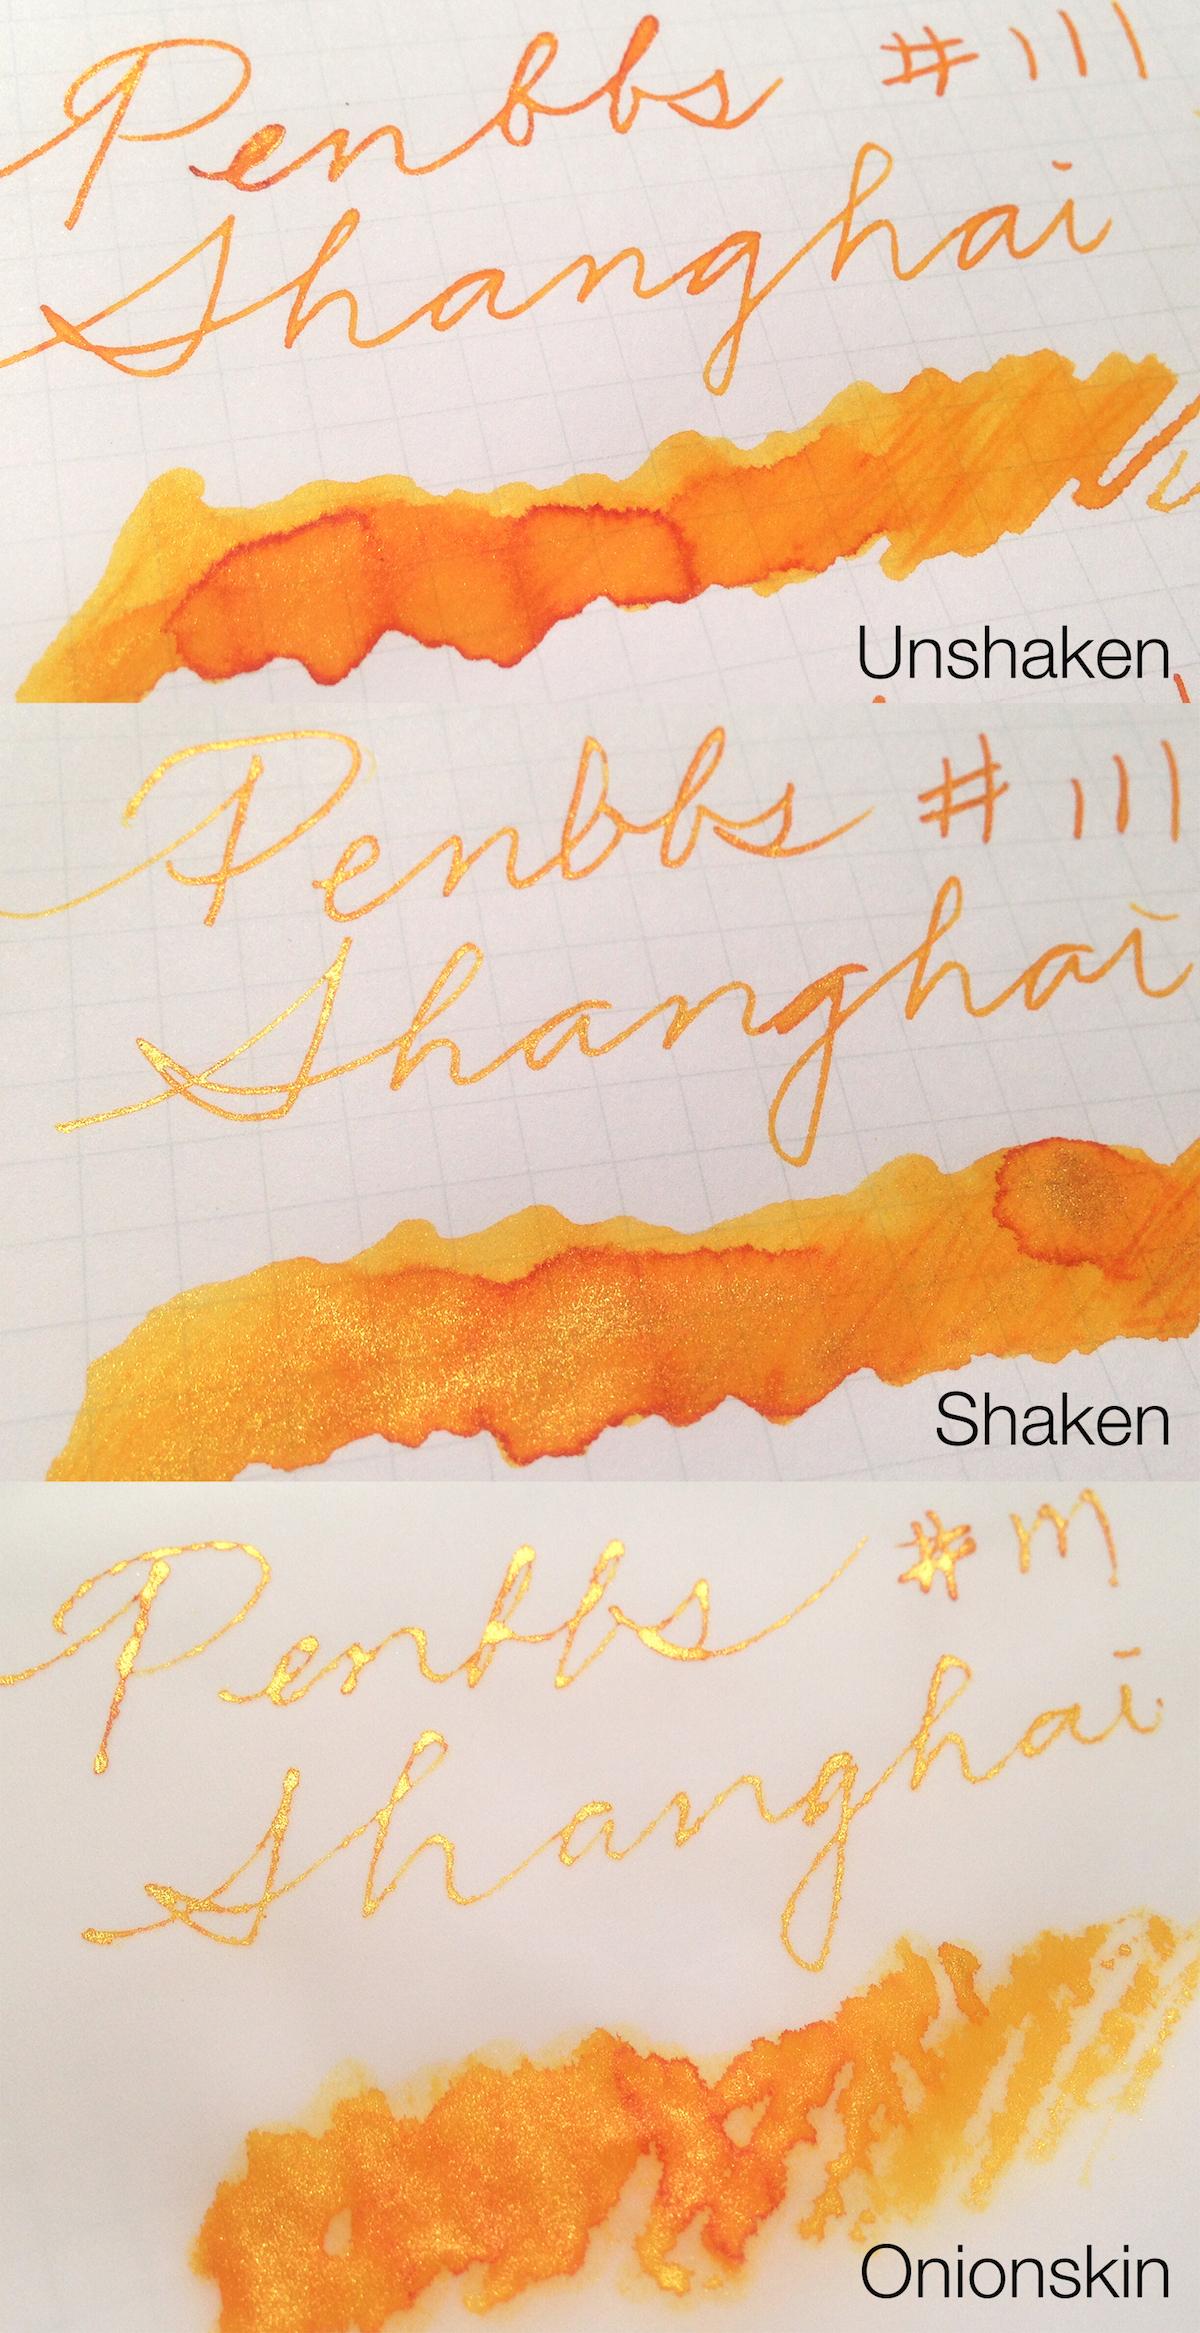 fpn_1435986442__shanghai-shakenunshaken.